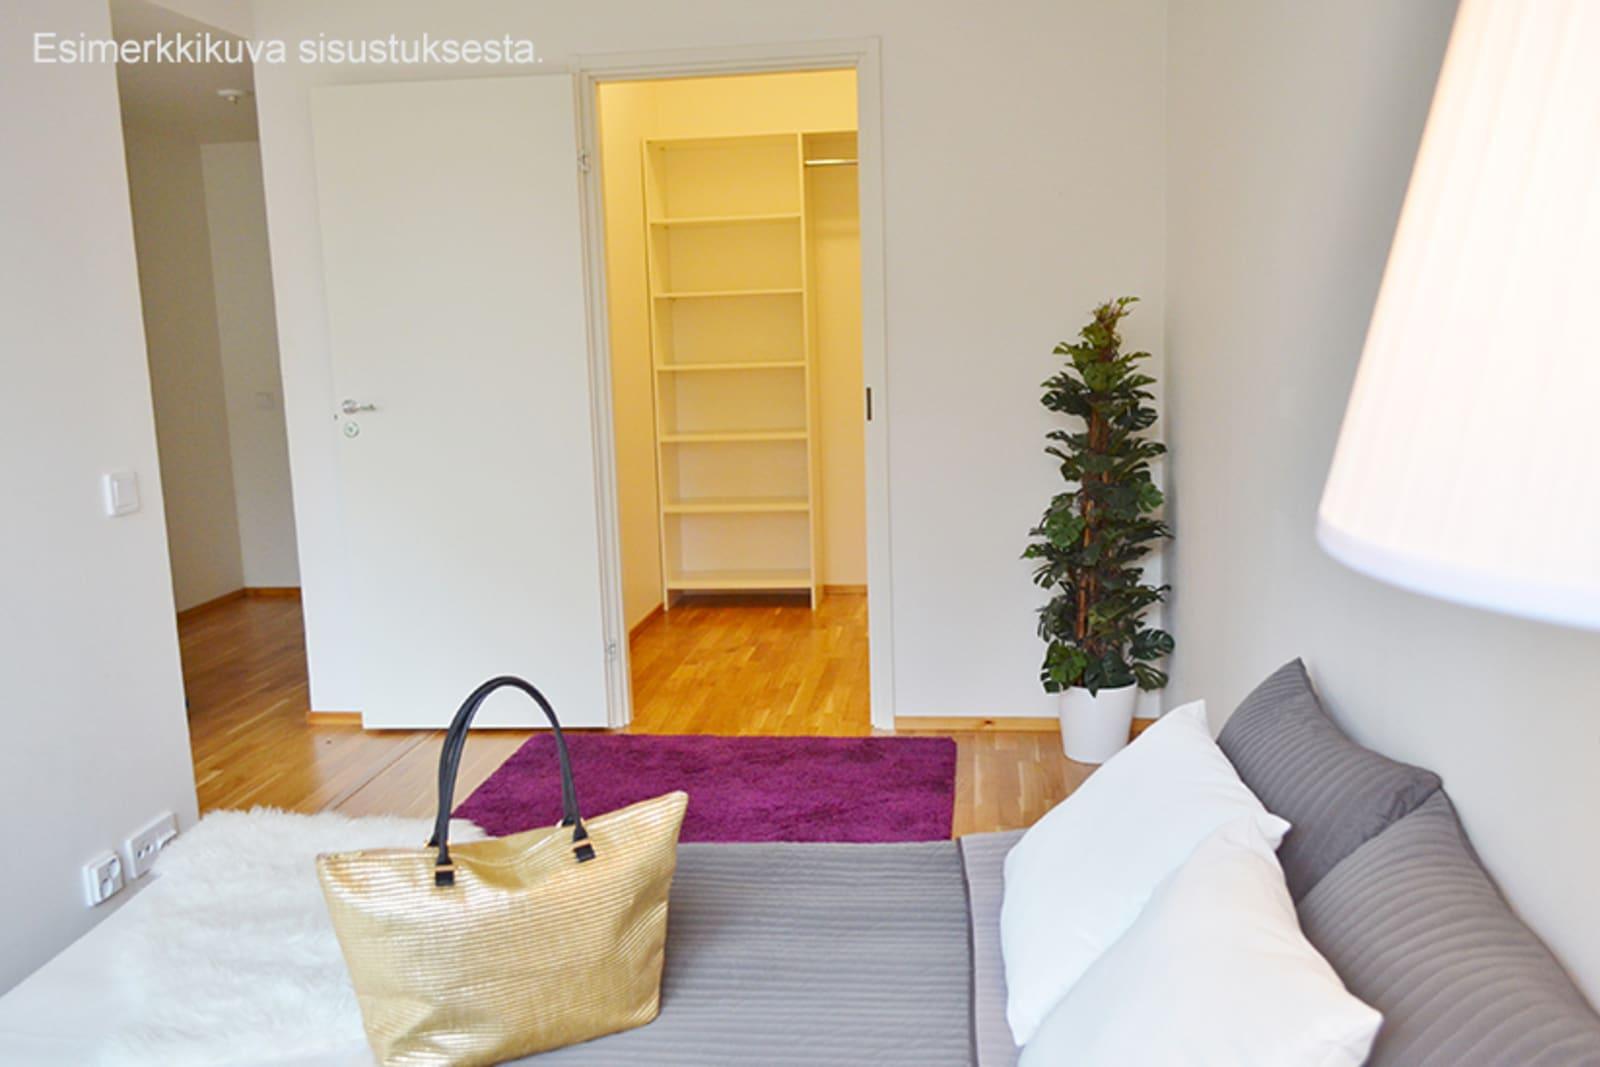 Helsinki, Sörnäinen, Pääskylänrinne 8